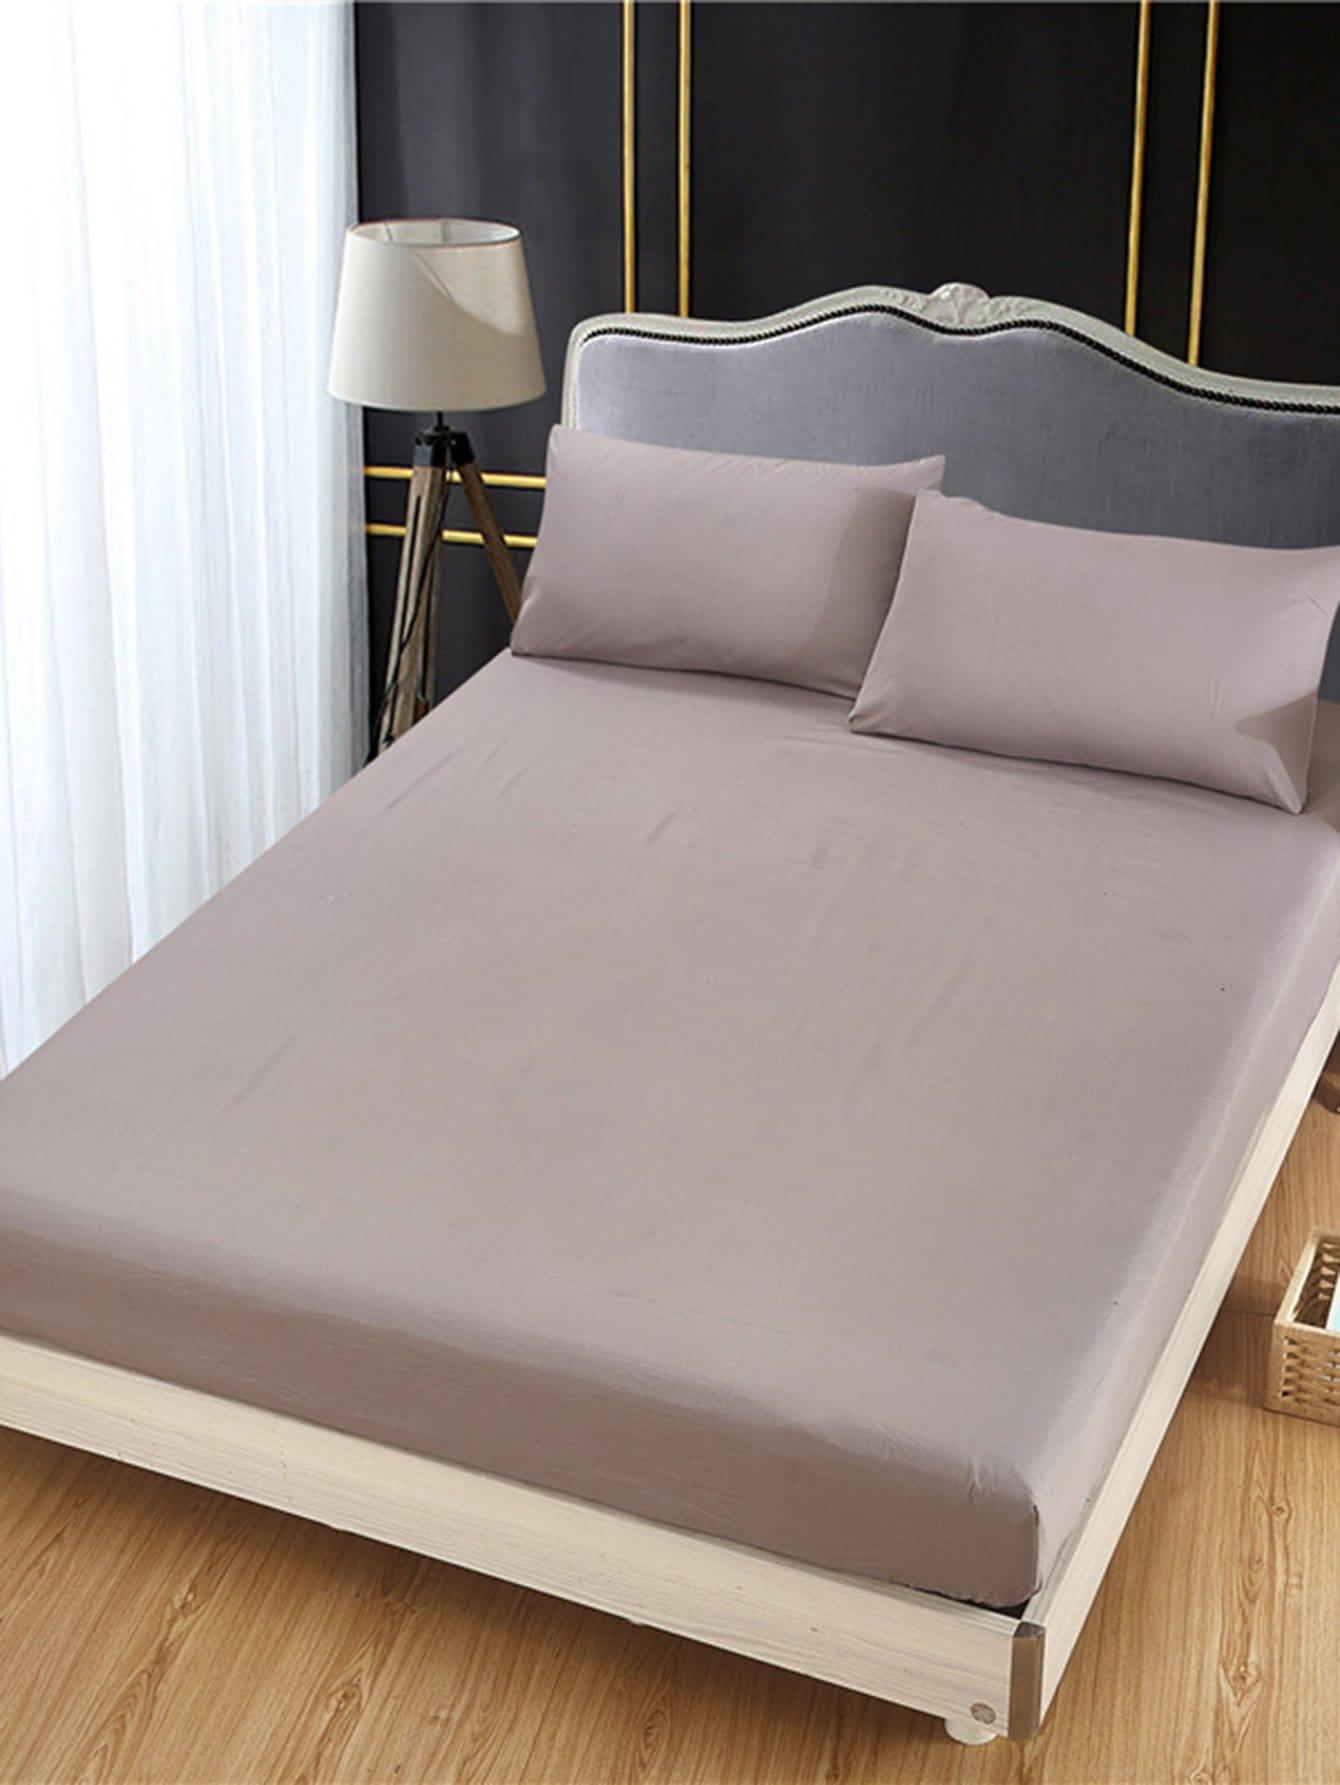 Простое удобное постельное бельё 1 шт, null, SheIn  - купить со скидкой